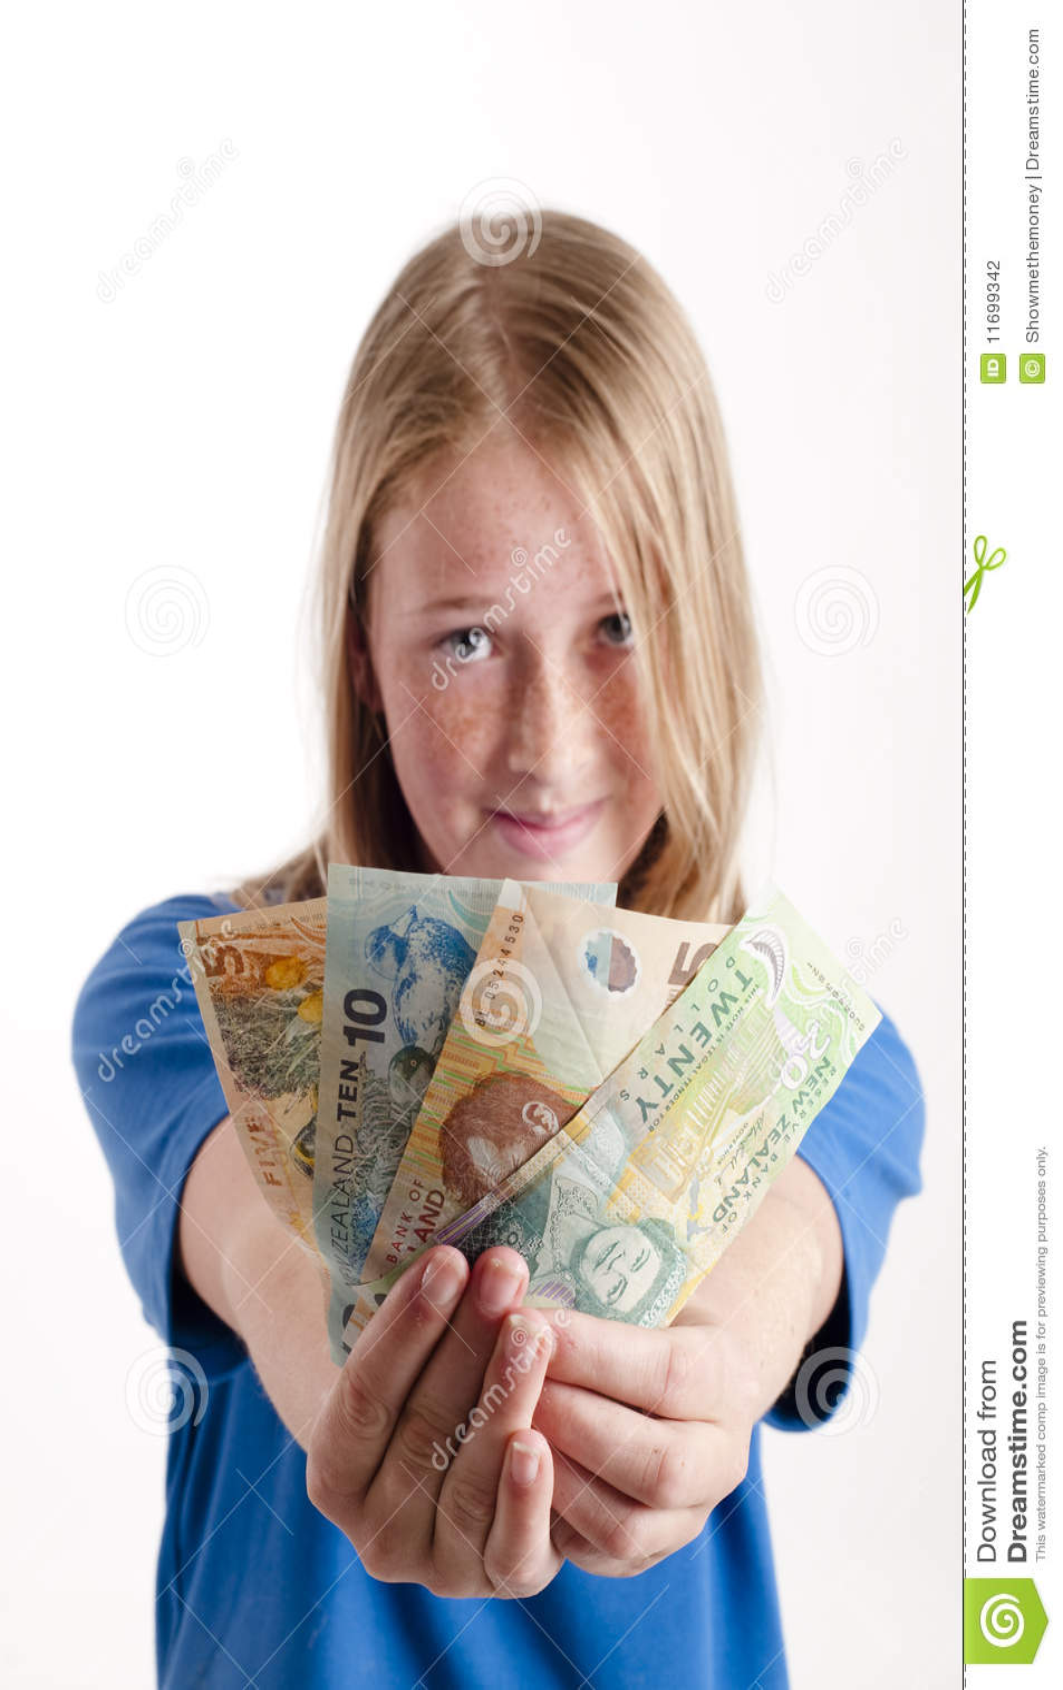 Girl Holding Money Stock Photography - Image: 11699342